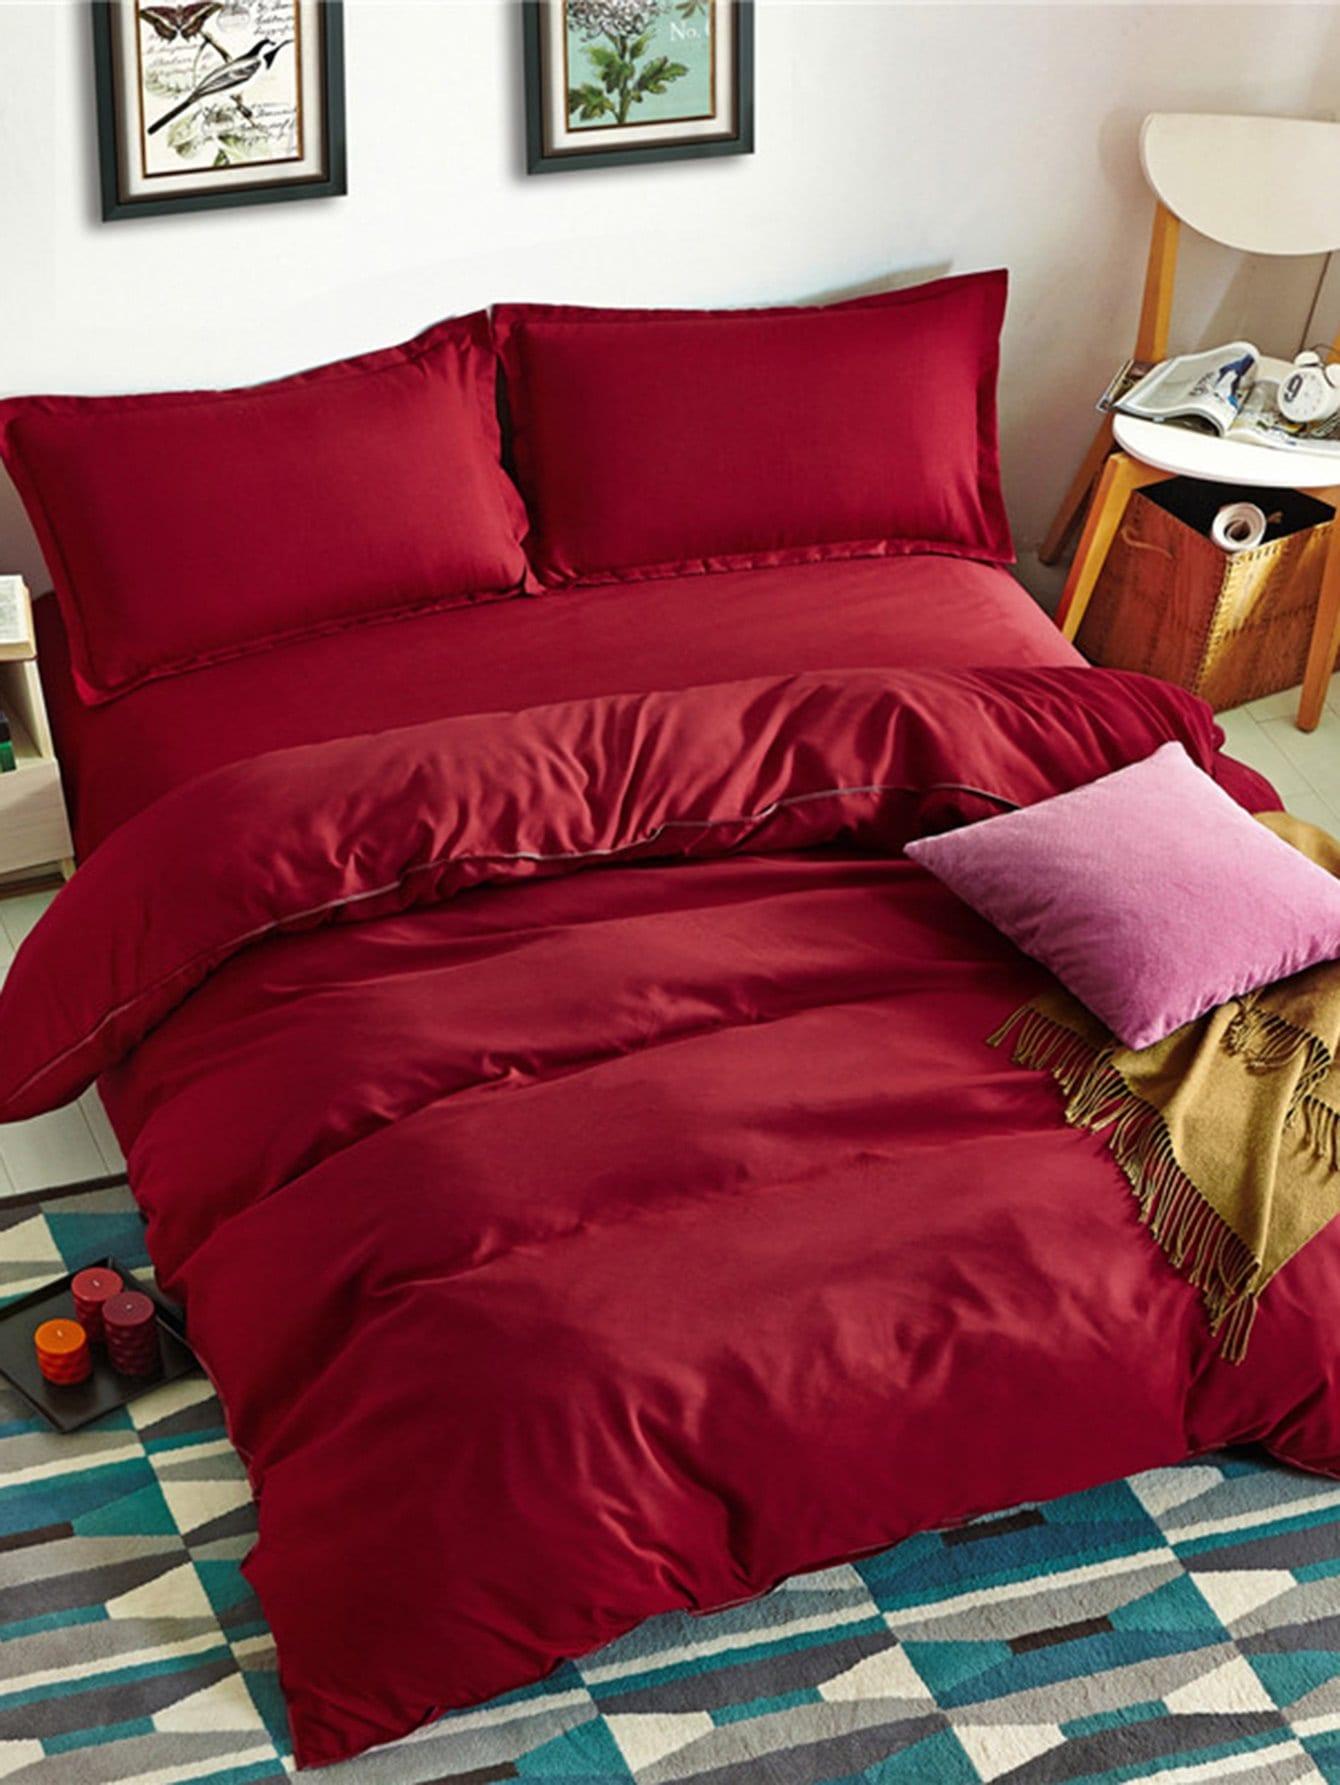 Solid Color Duvet Cover Set solid duvet cover set